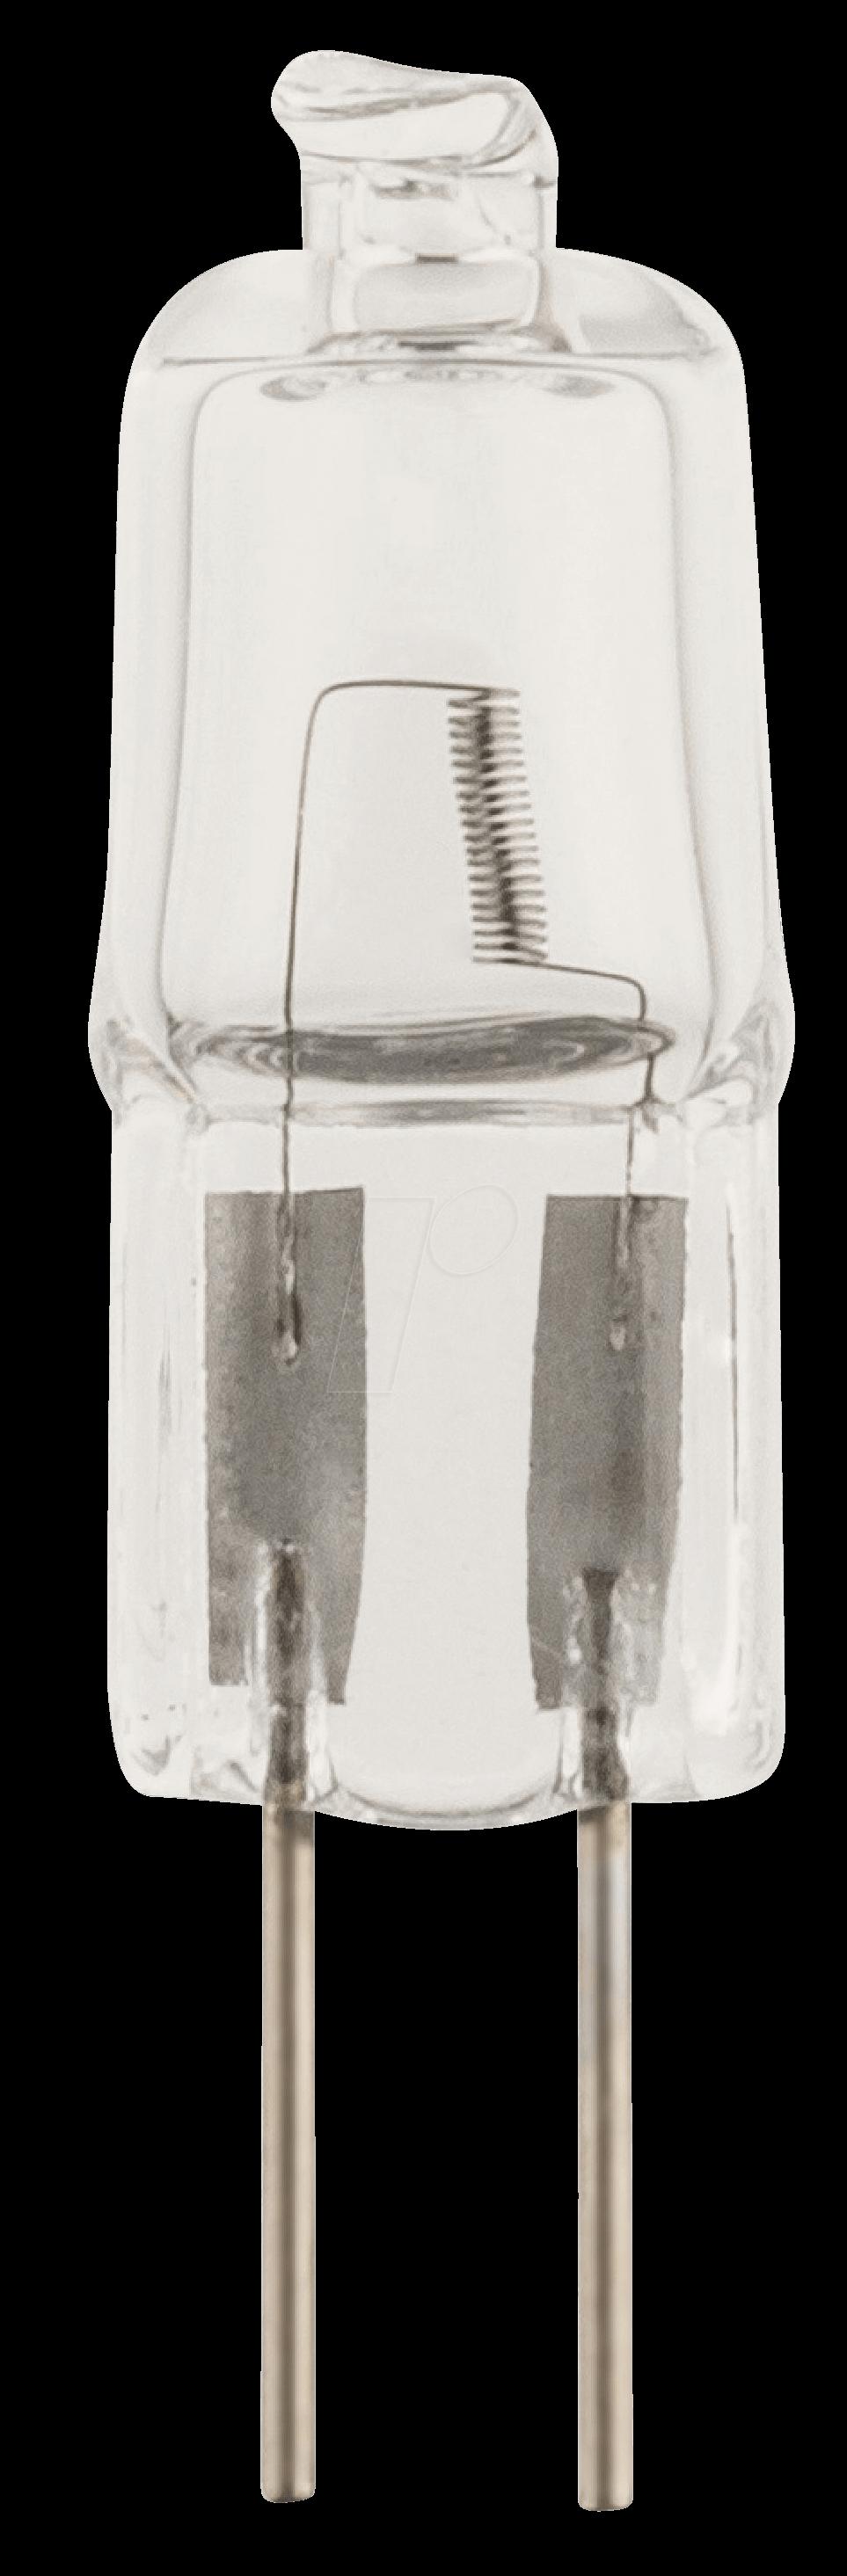 HQ HG4CAPS003 - Halogen-Stiftsockellampe G4, 16 W, 230 lm, 2800 K, dimmbar